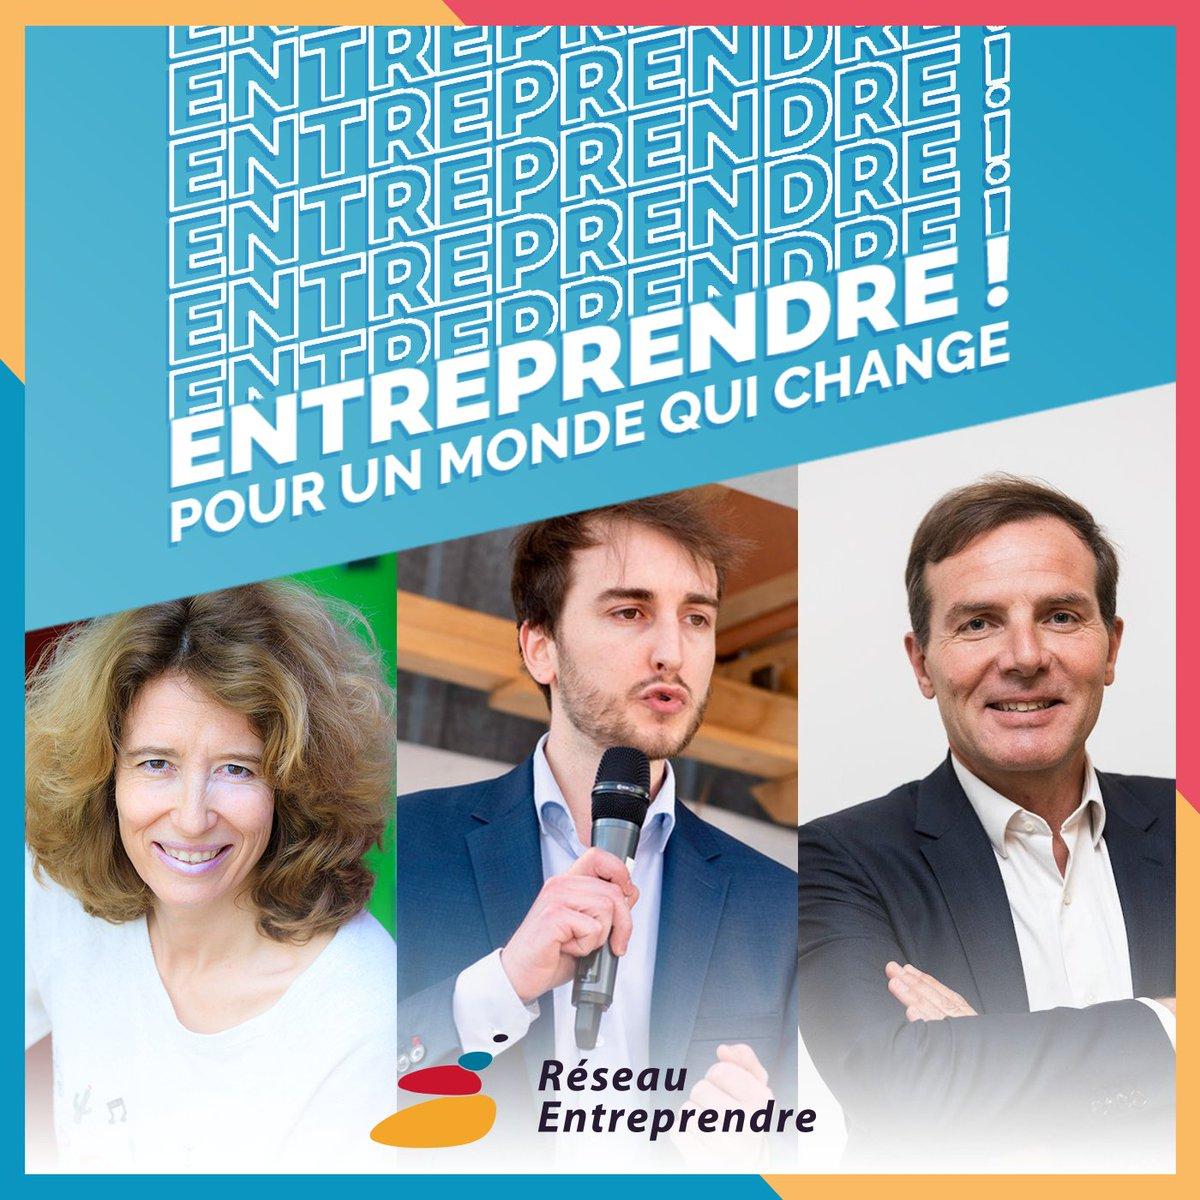 [#Podcast]  Episode 3 : Impact positif, un défi ? @ElisabethLavill (Utopies), Julien Le Guennec (@olenergies), Olivier de la Chevasnerie (@RsoEntreprendre) partagent leur vision. 👉 Ecouter sur Apple Podcast : https://t.co/MjMfxdAea2 https://t.co/w8phvSYJnO